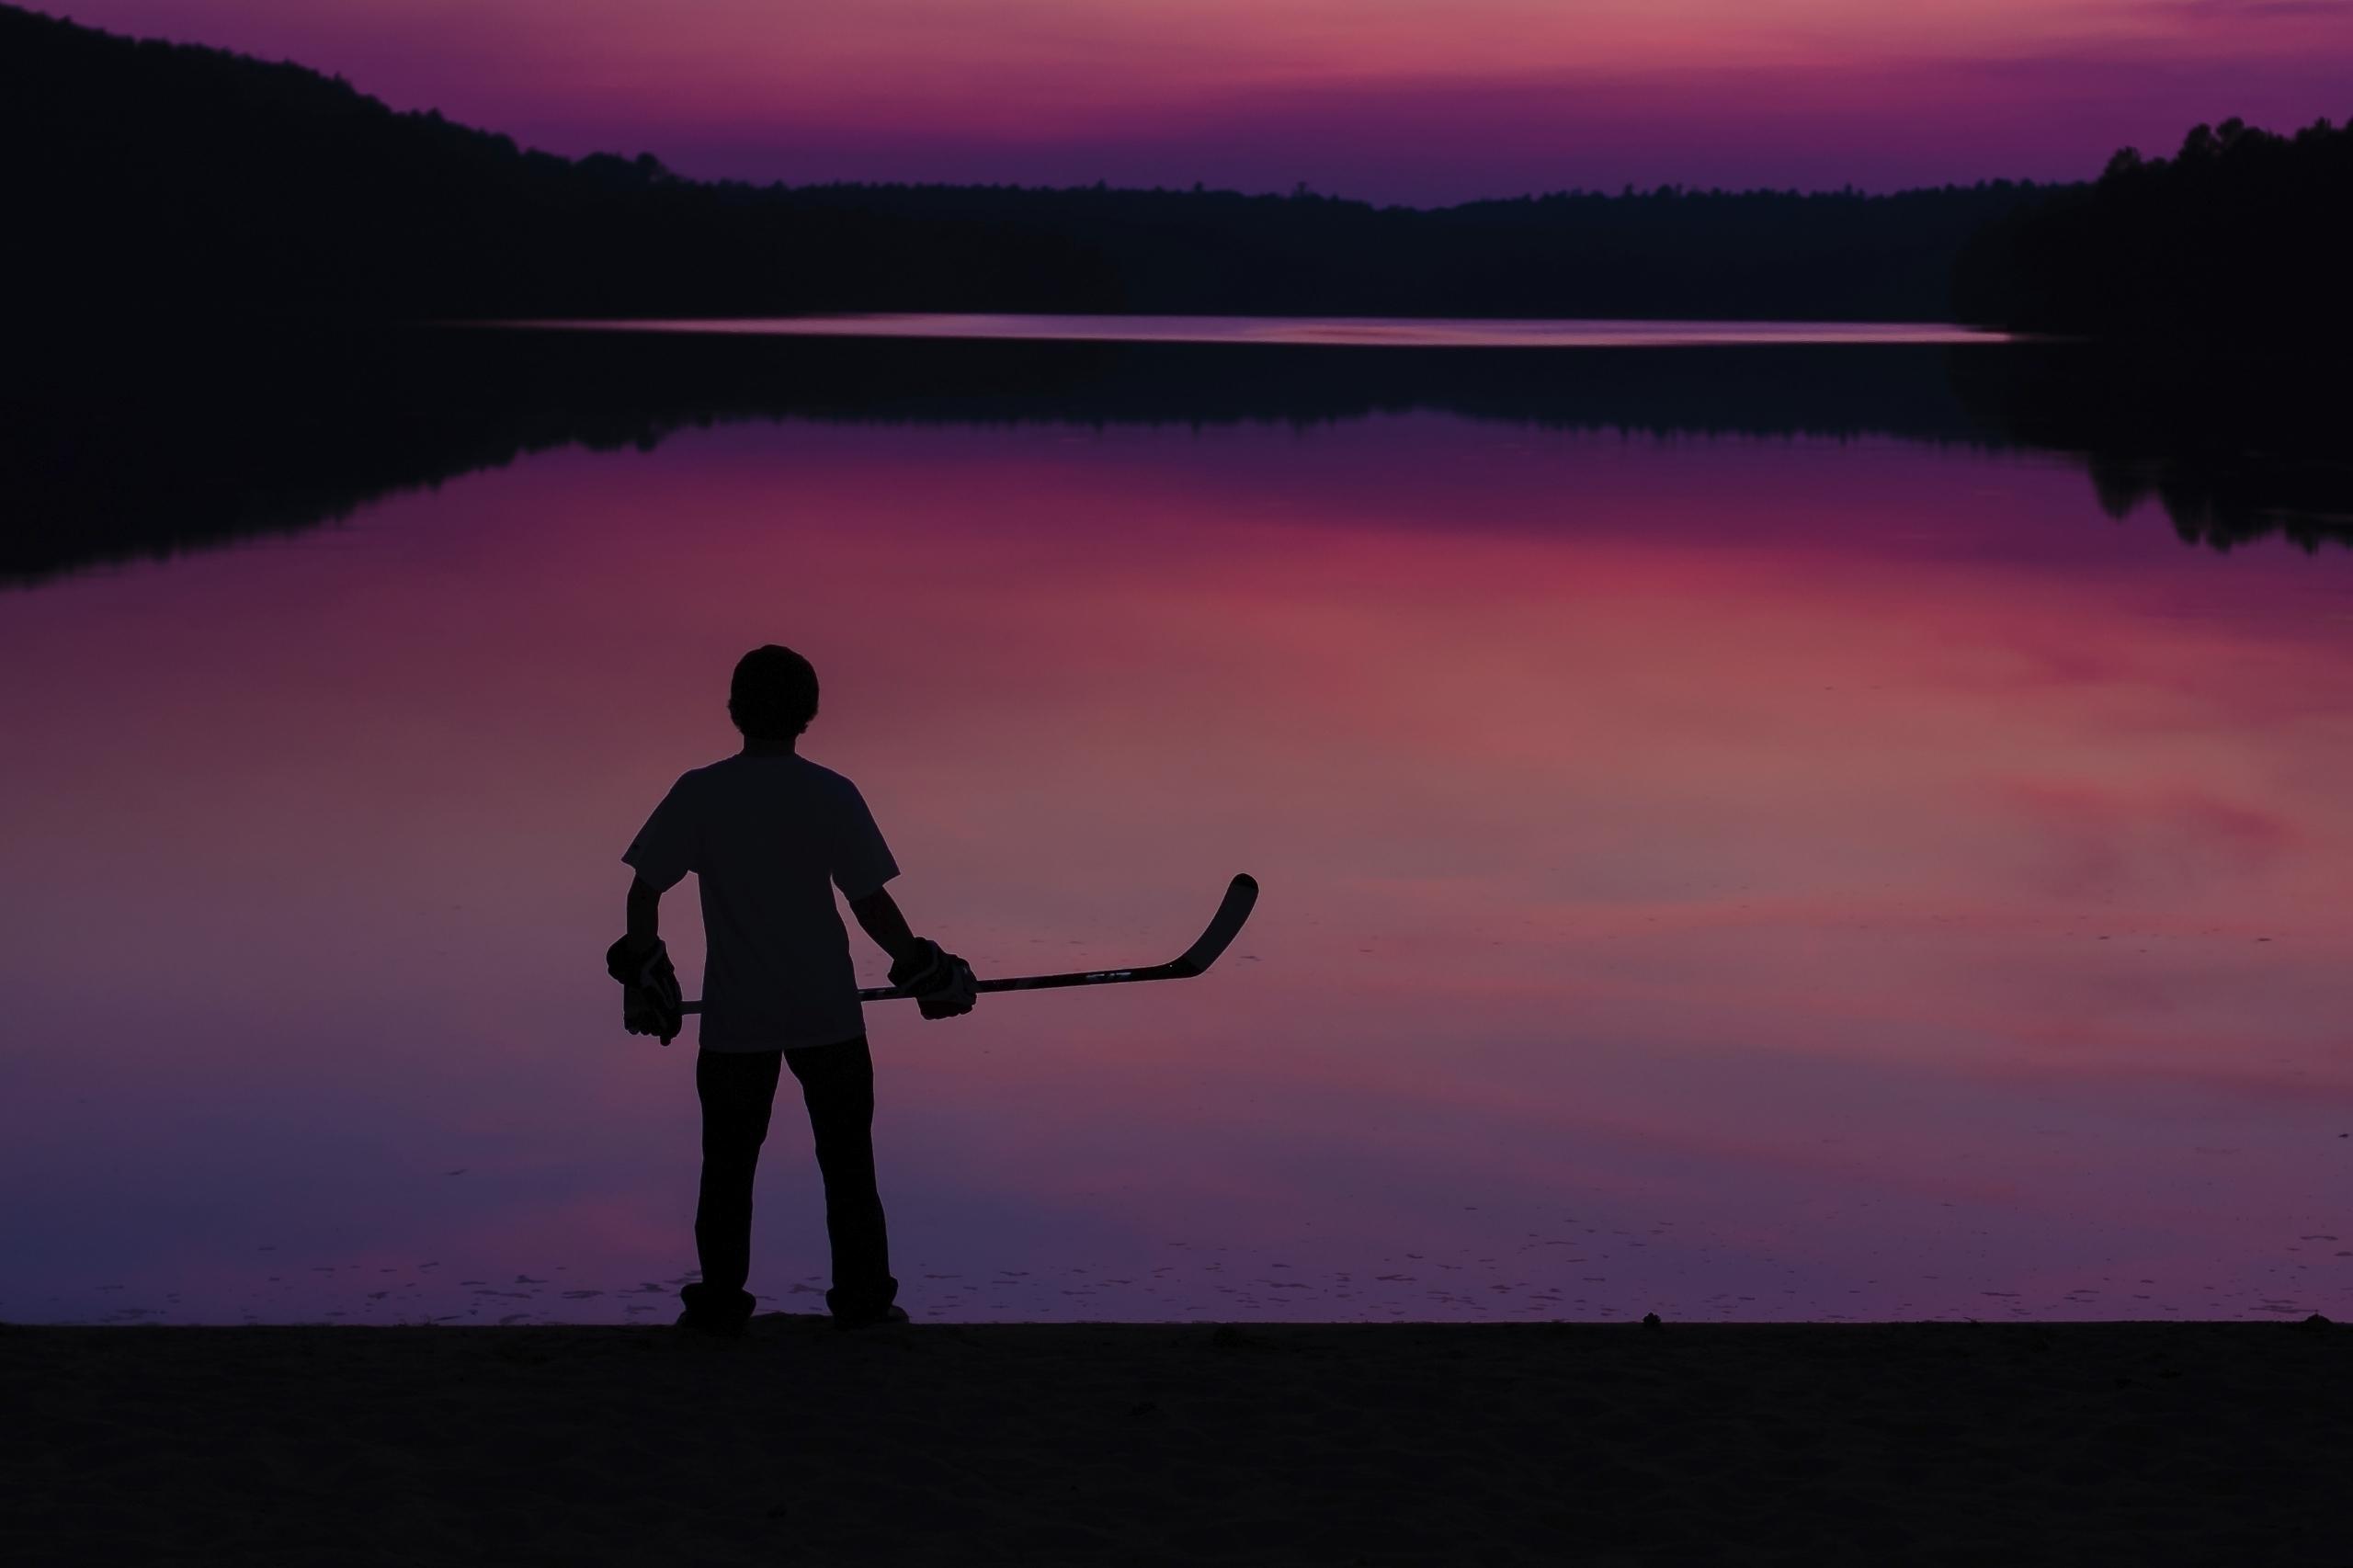 Longing Freeze - photography,, hockey, - warogers | ello